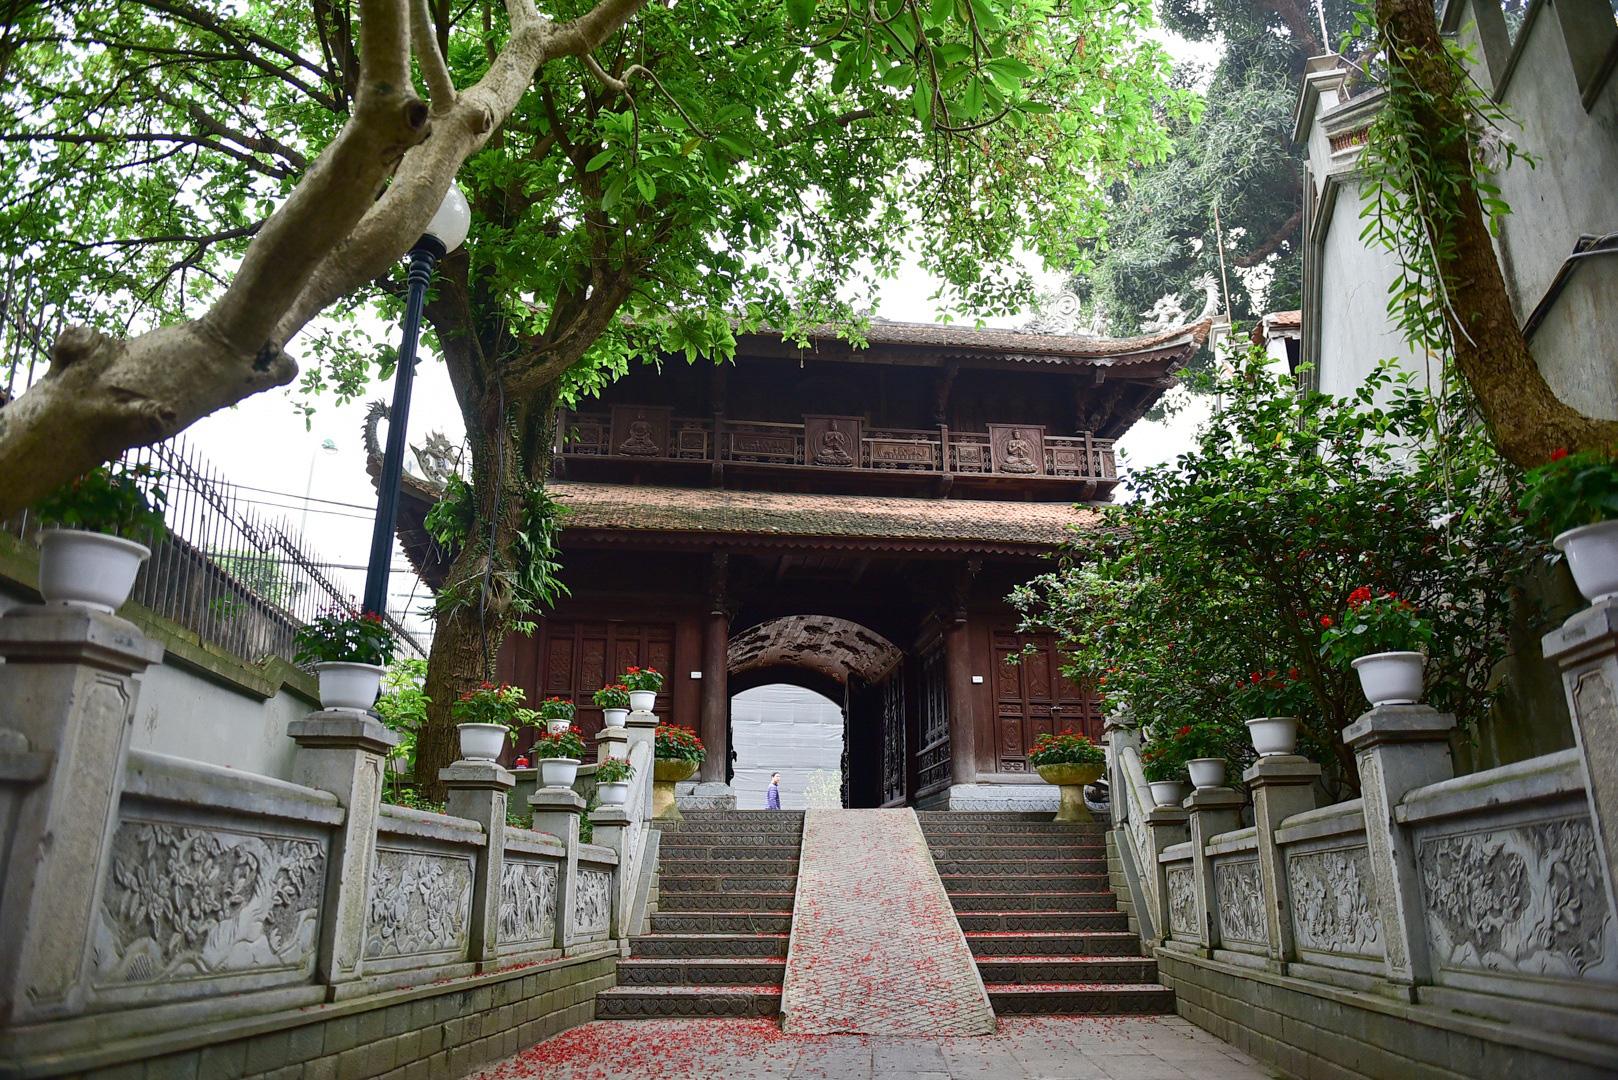 Tượng Phật từ đá quý nguyên khối trong ngôi chùa nghìn năm tuổi ở Hà Nội - Ảnh 5.